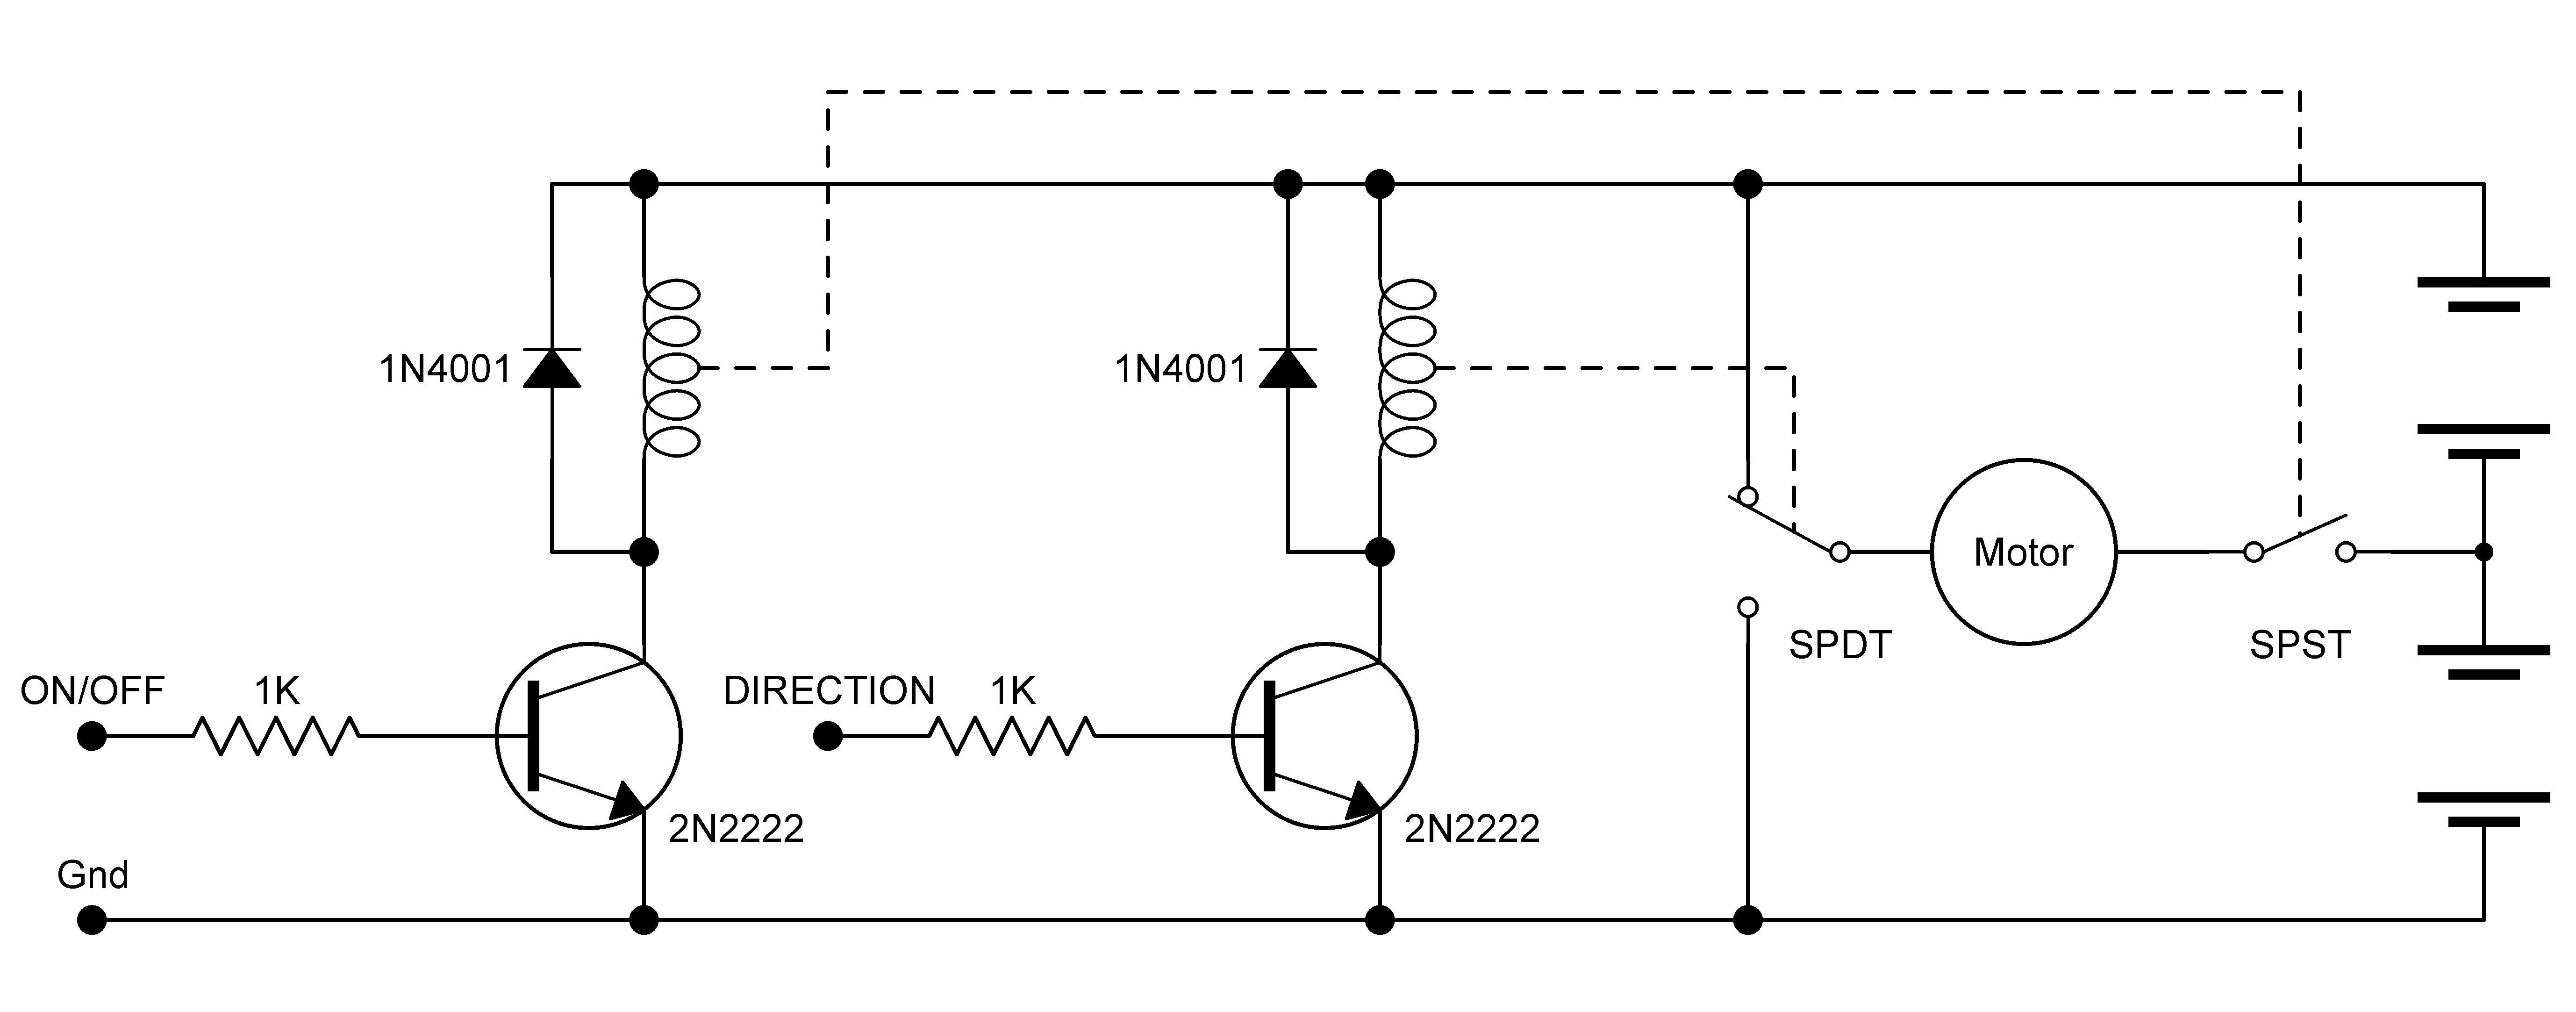 Powertech Spdt Rocker Switch Wiring Diagram - Block And Schematic ...